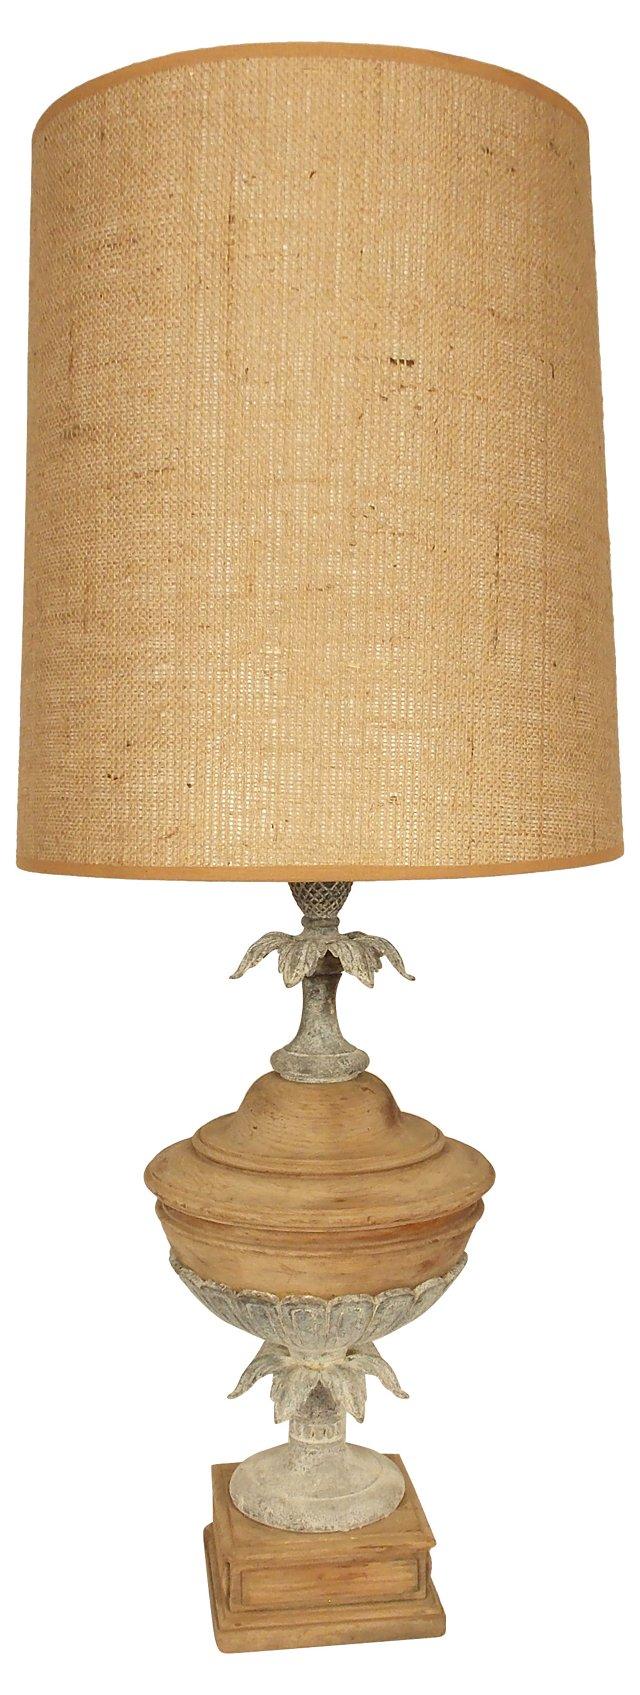 Wood & Metal Lamp w/ Shade